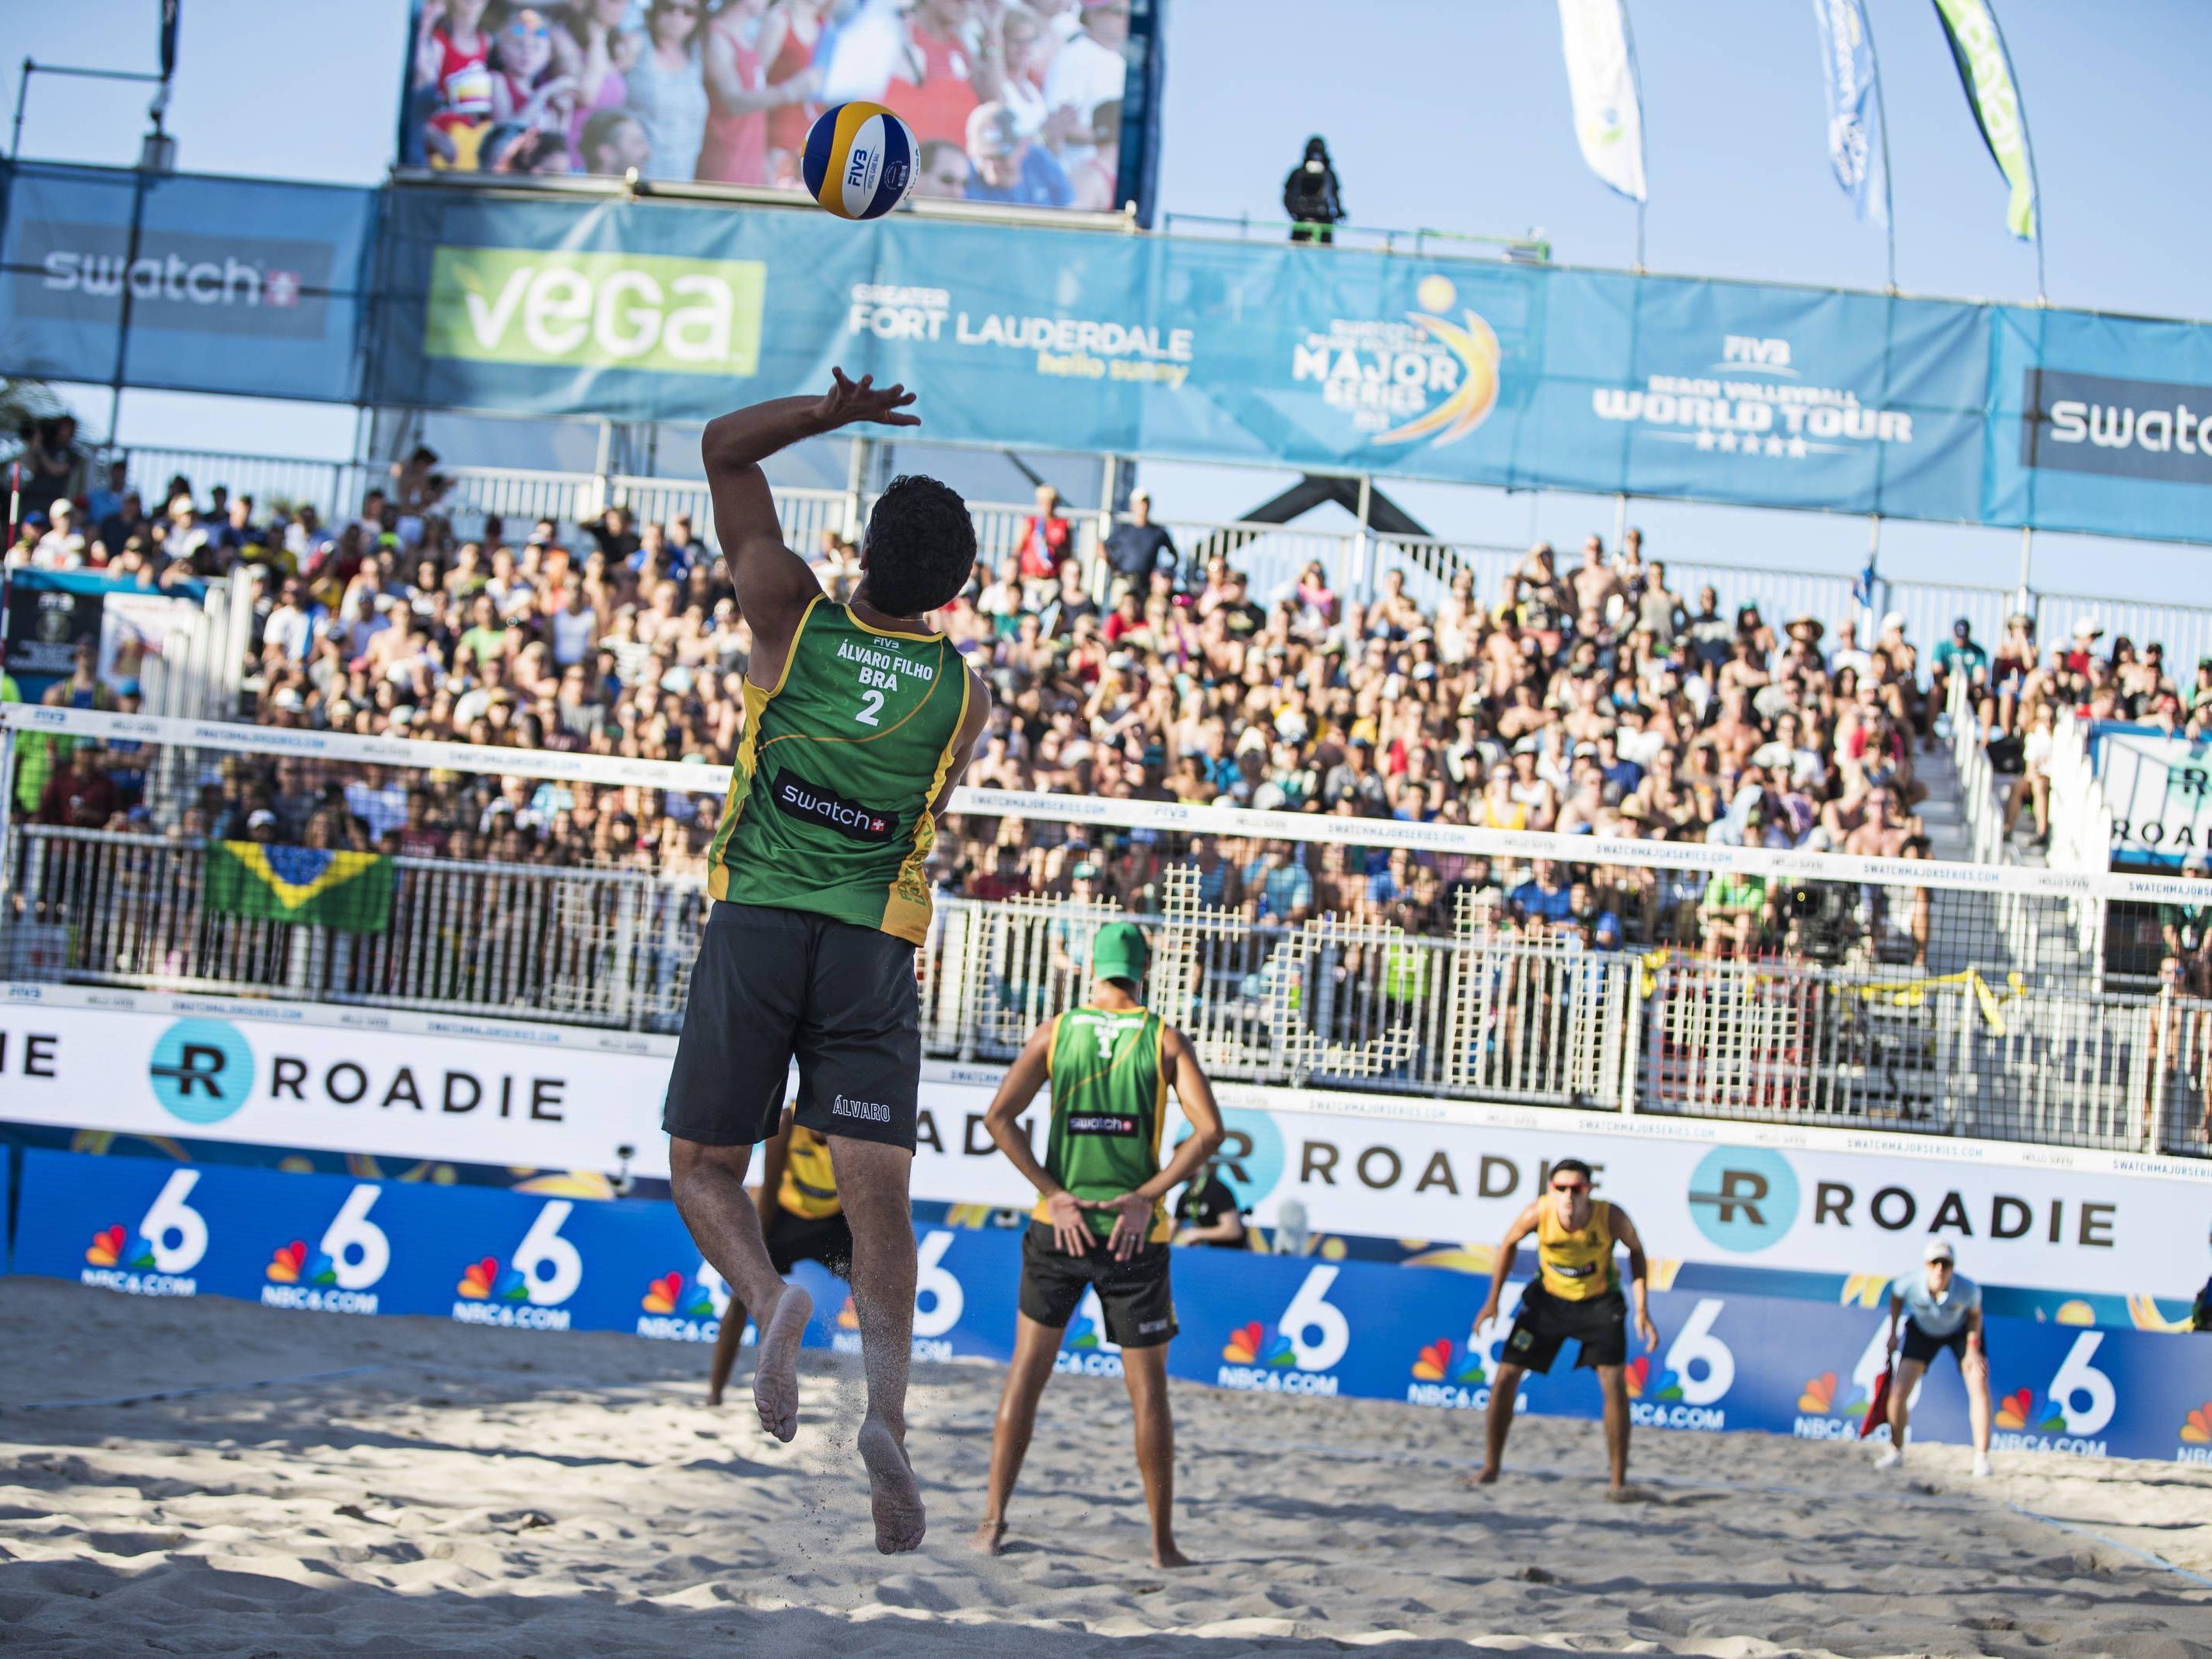 Der Beach-Volleyball-WM-Spielplan der Herren für die Endrunde 2017 auf der Wiener Donauinsel.